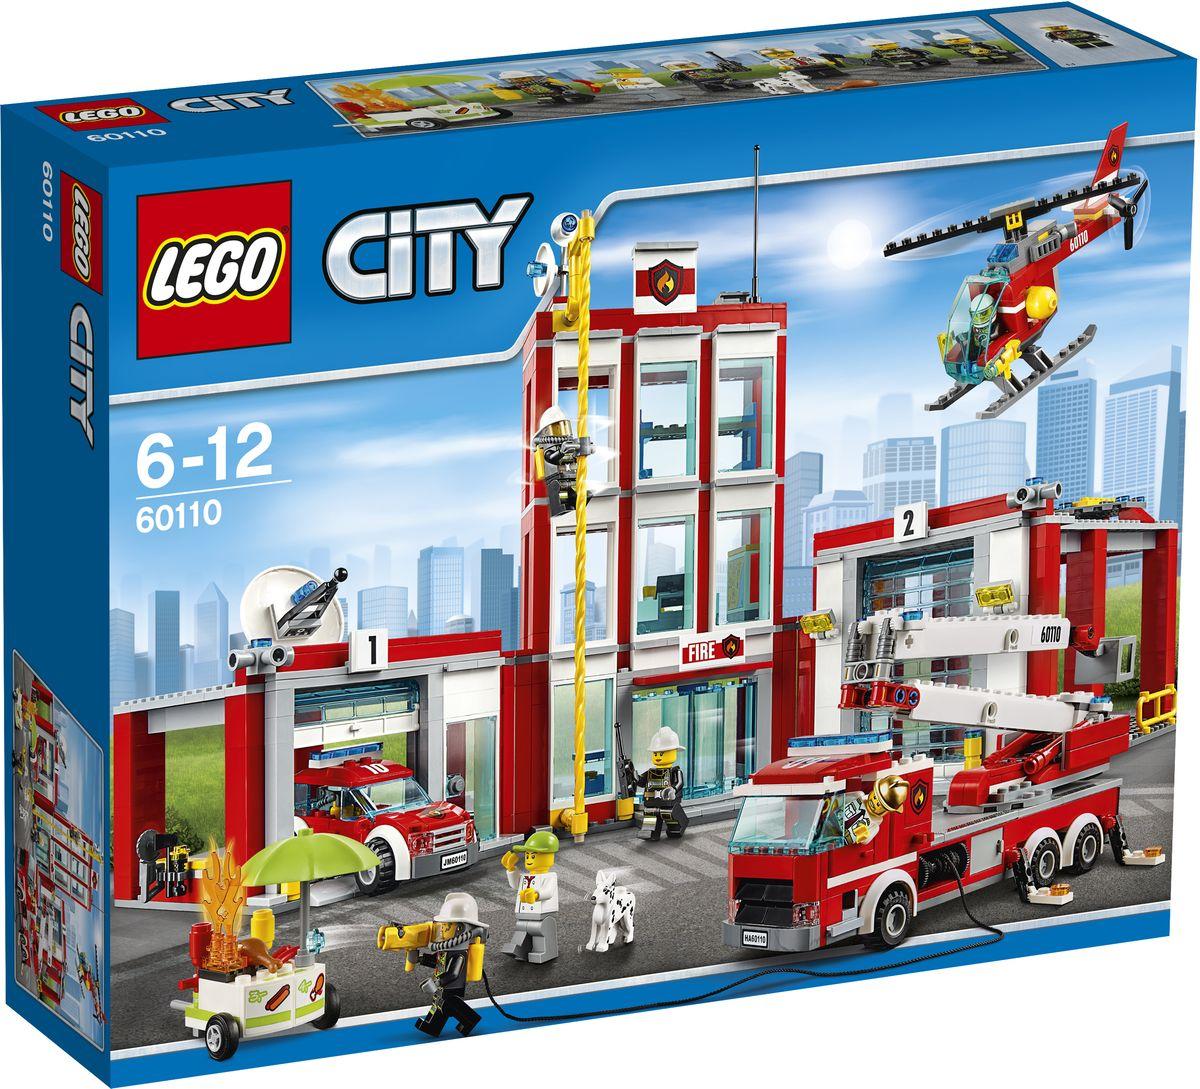 LEGO City Конструктор Пожарная часть 6011060110Помоги пожарным загрузить оборудование в грузовик и вертолёт! Пришло время обеда, так что съезжай вниз по шесту и отправляйся к киоску с хот-догами. По дороге брось косточку пожарному псу. О нет, киоск с хот-догами в огне! Вытяни пожарный шланг, потуши огонь с помощью специальной водяной пушки и спаси хот-доги! Конструктор LEGO City Пожарная часть - это один из самых увлекательнейших и веселых способов времяпрепровождения. Ребенок сможет часами играть с конструктором, придумывая различные ситуации и истории. В набор также входят 7 мини-фигурок: 5 пожарных, продавца хот-догов и собаки. В процессе игры с конструкторами LEGO дети приобретают и постигают такие необходимые навыки как познание, творчество, воображение. Обычные наблюдения за детьми показывают, что единственное, чему они с удовольствием посвящают время, - это игры. Игра - это состояние души, это веселый опыт познания реальности. Играя, дети создают собственные миры, осваивают их, а познавая -...